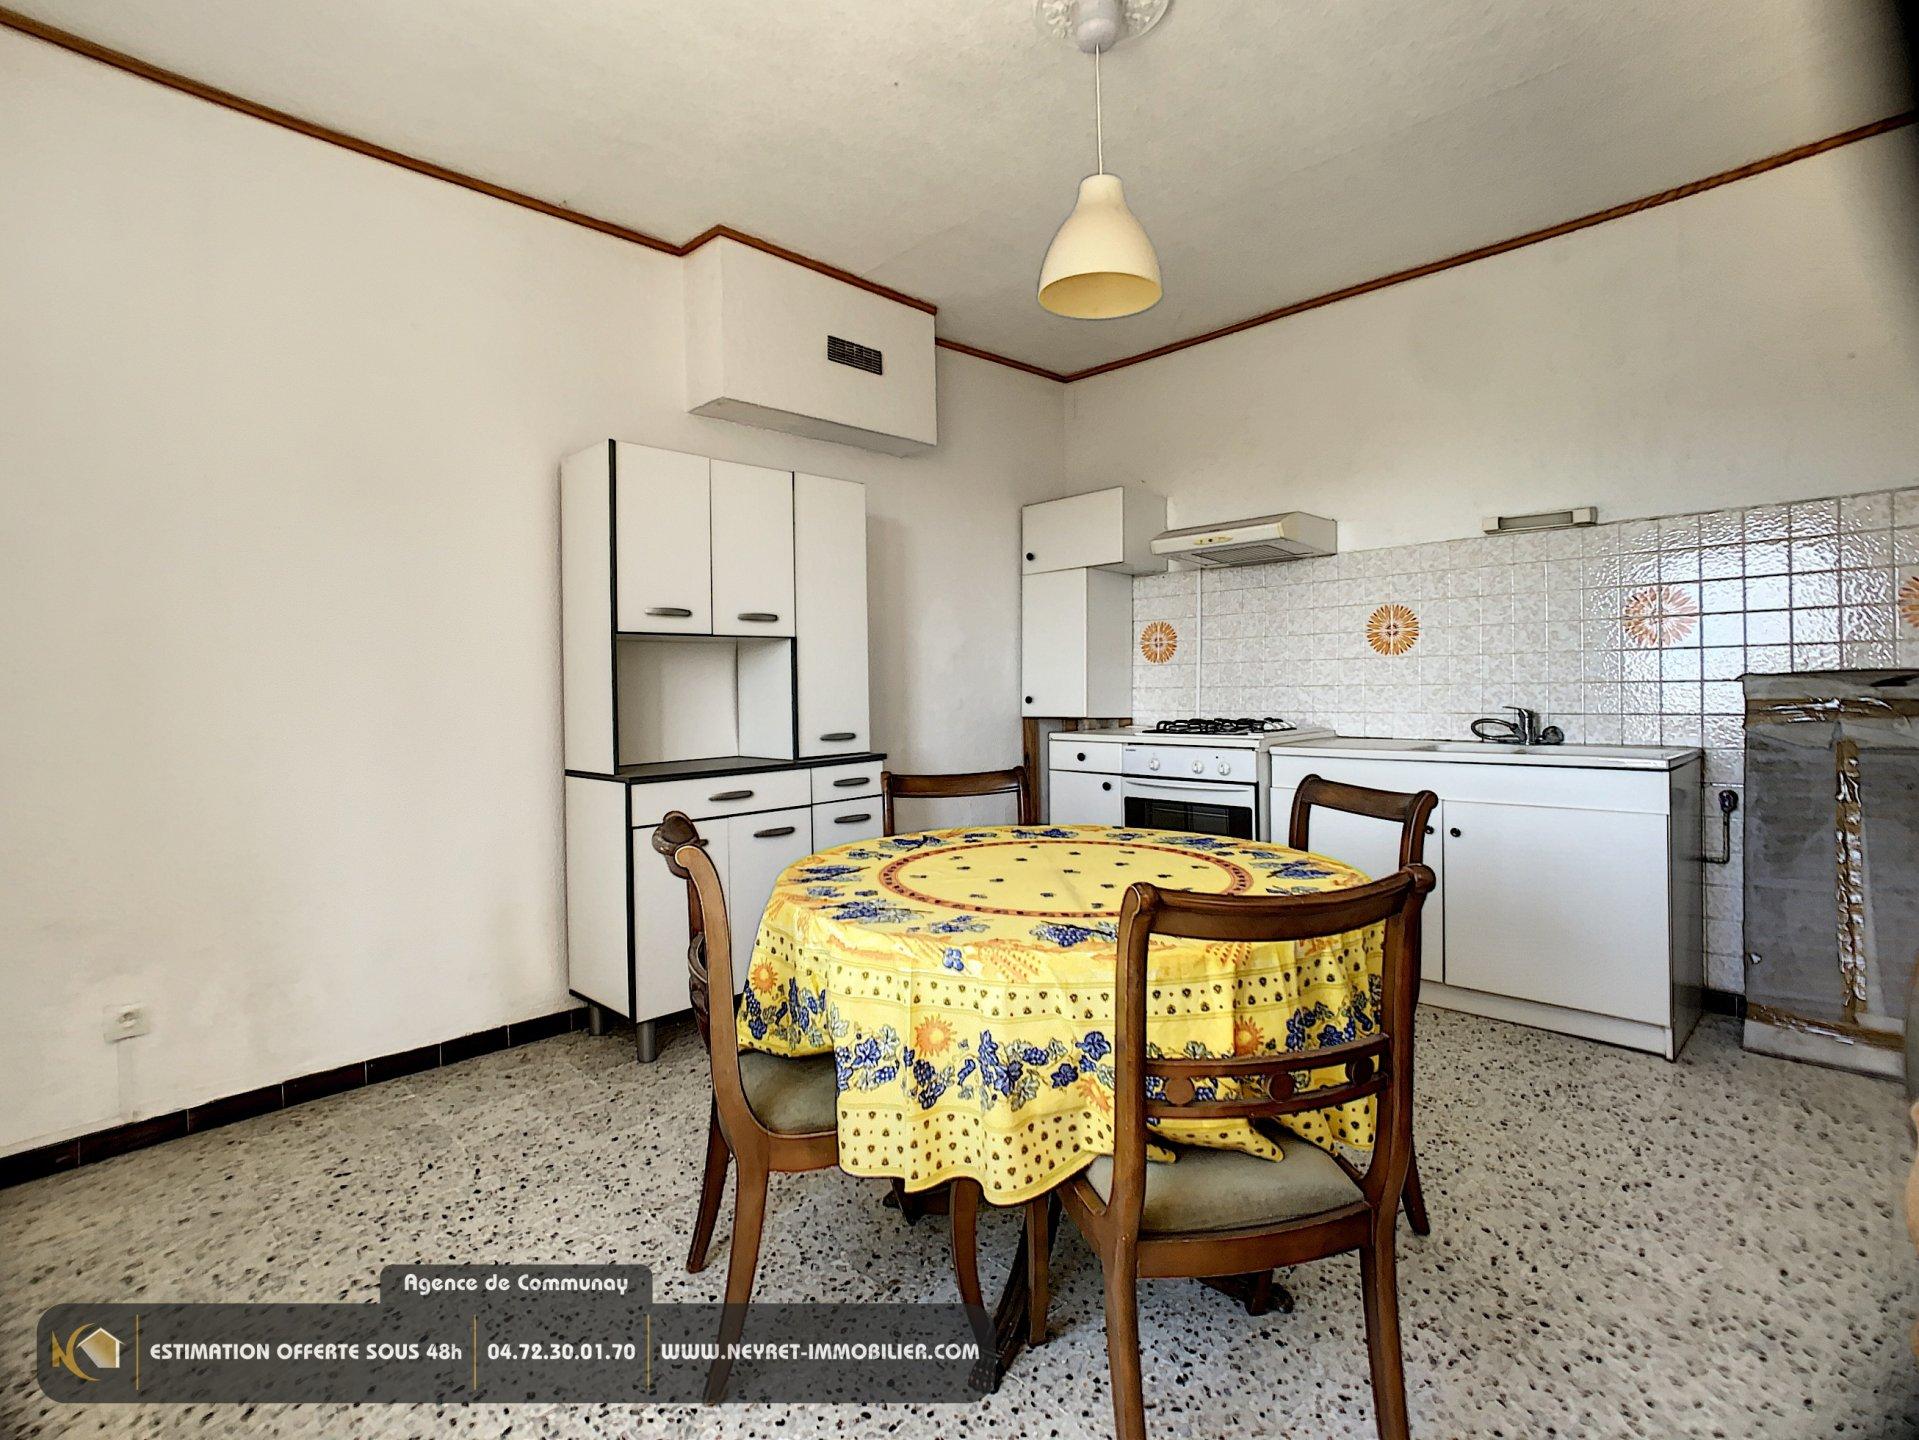 Maison de ville + appartement + garage